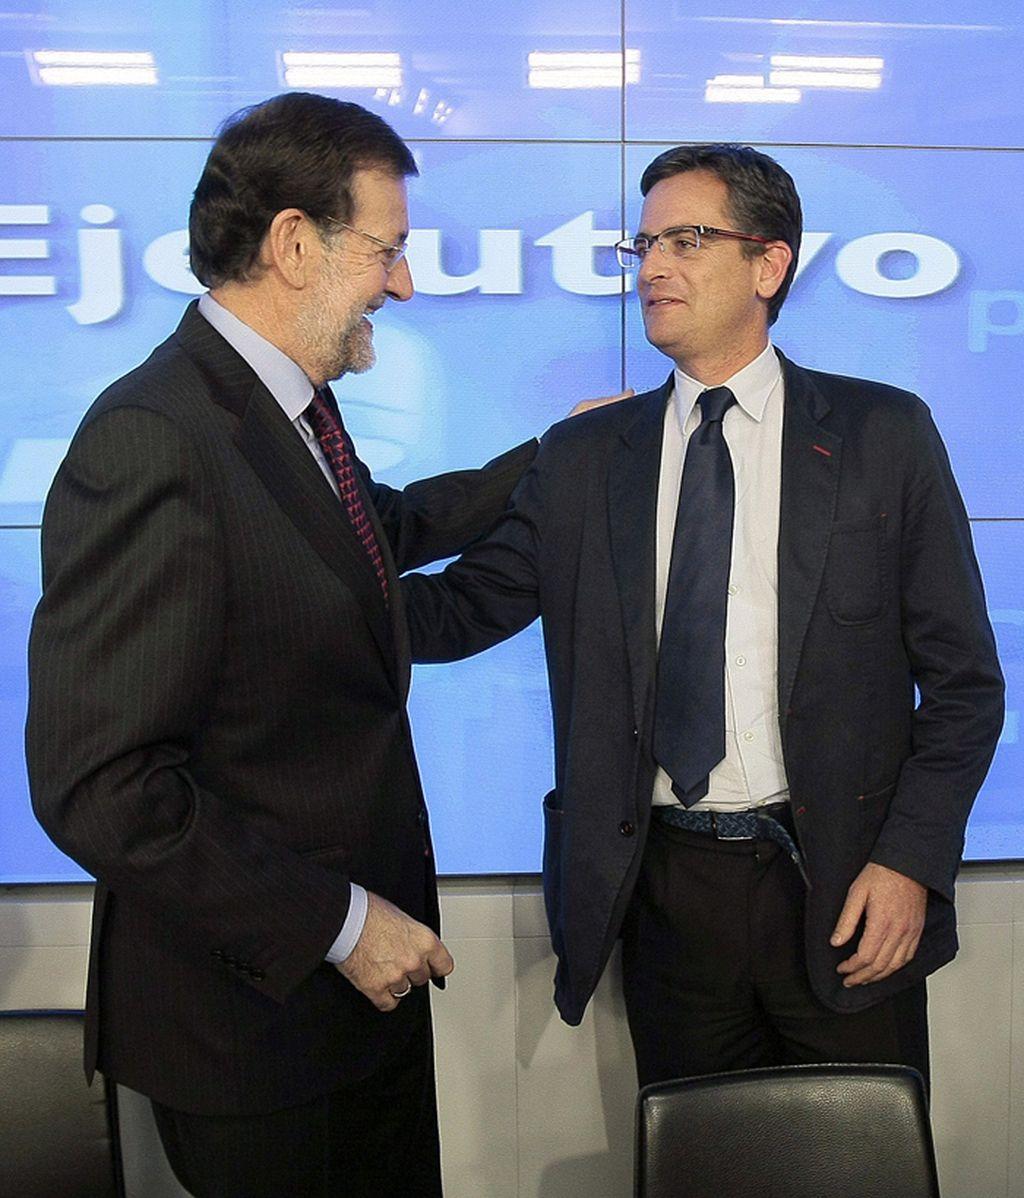 Mariano Rajoy saluda a Antonio Basagoiti durante el Comite Ejecutivo Nacional del PP